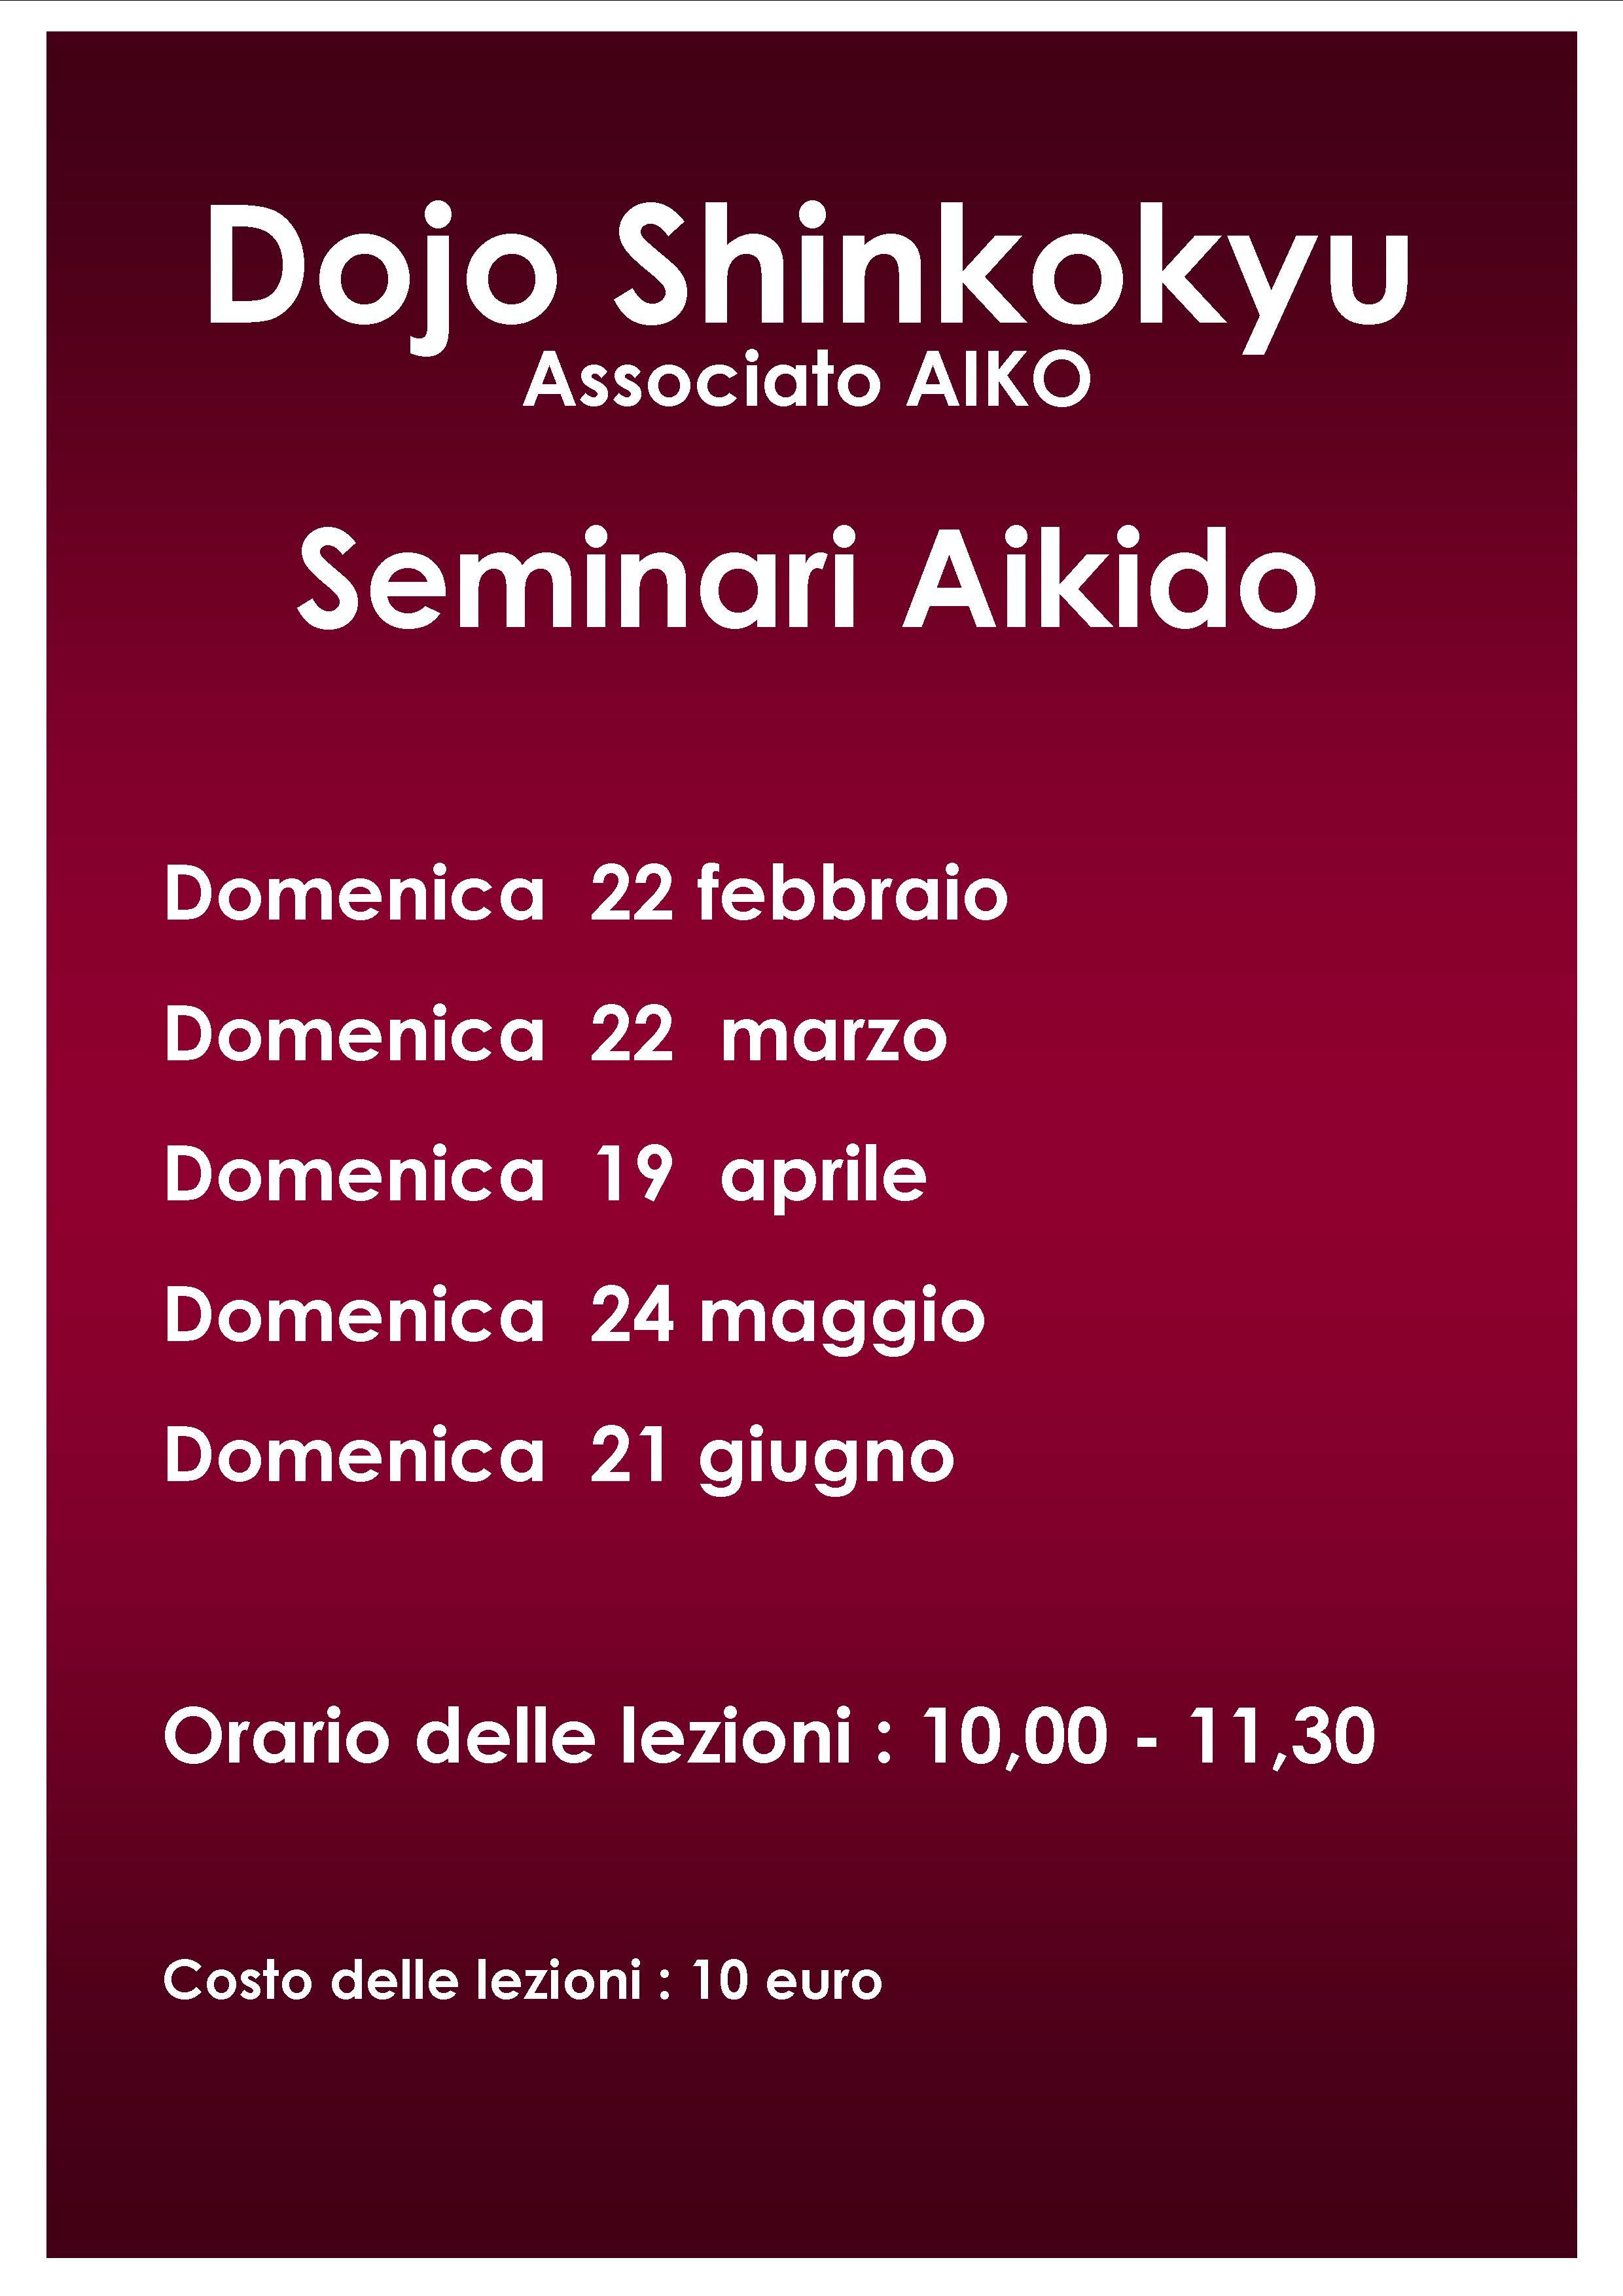 aikido roma seminari